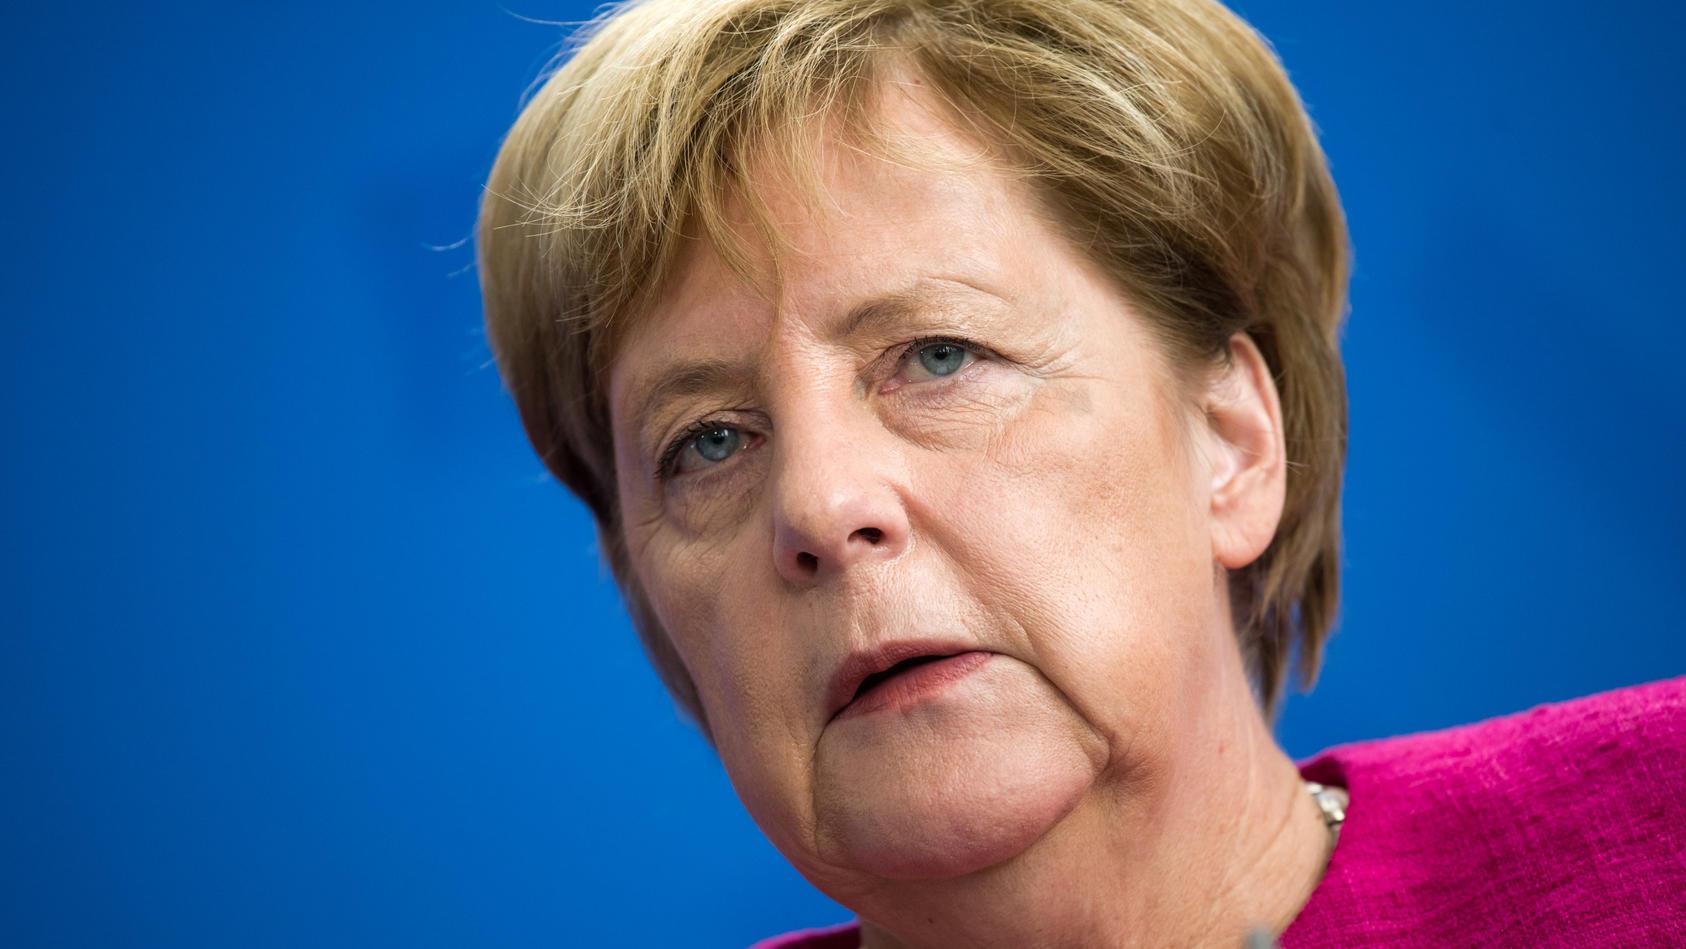 Bundeskanzlerin Angela Merkel bei einer Pressekonferenz.